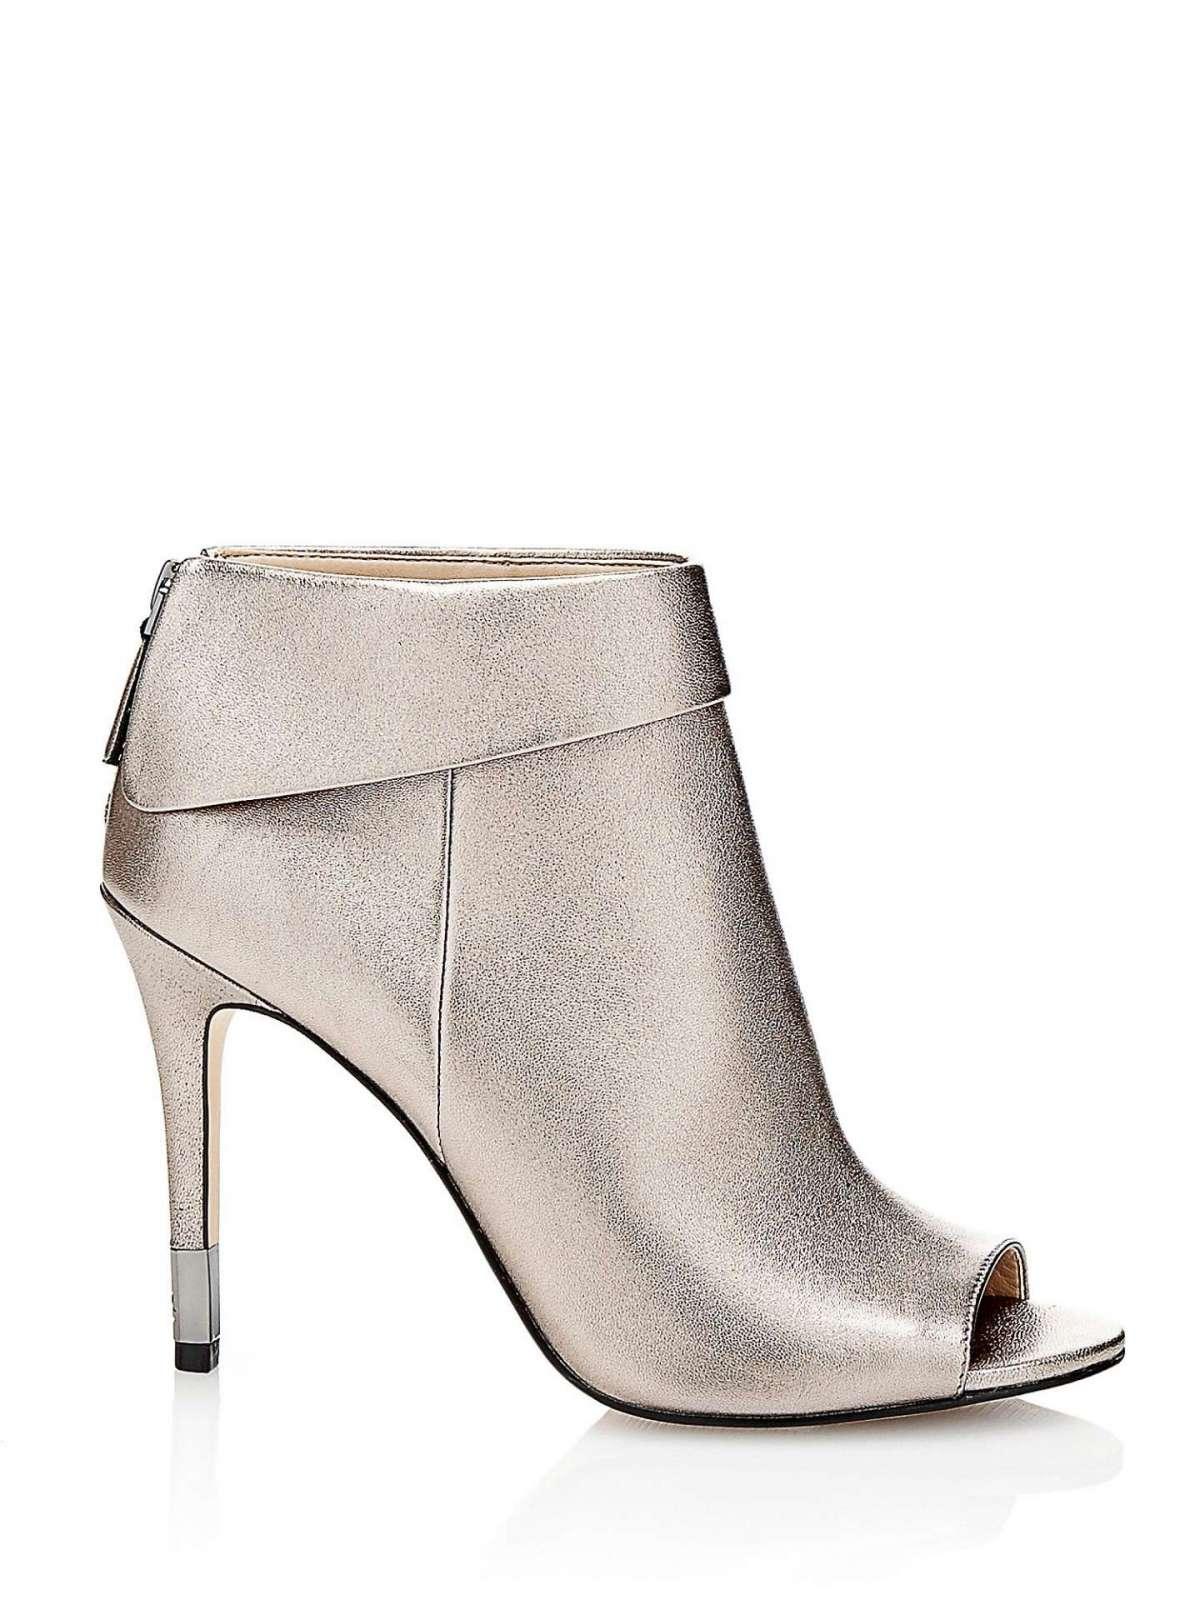 low priced 4d447 85961 Guess scarpe 2016 2017: Calzature donna invernali | Moda con ...